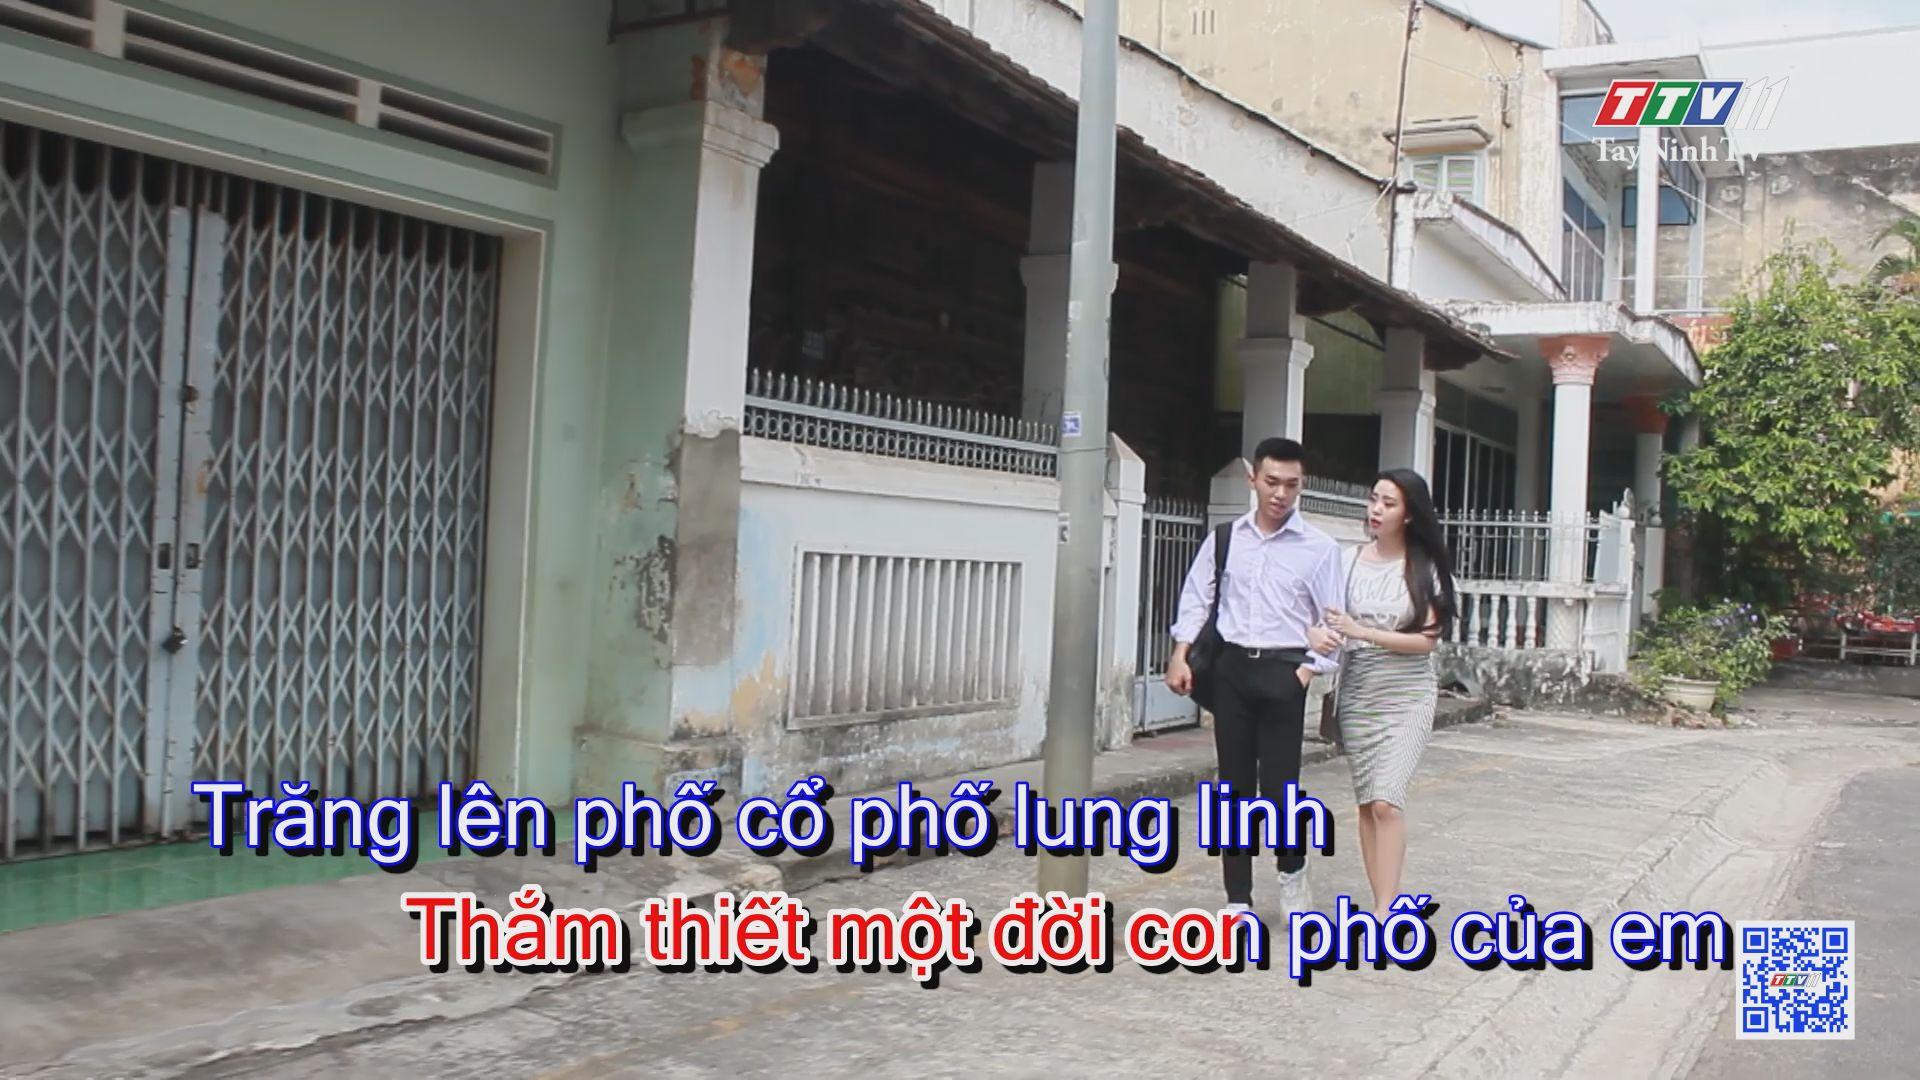 Qua phố Tây Ninh KARAOKE | Tuyển tập karaoke Tây Ninh tình yêu trong tôi | TayNinhTV